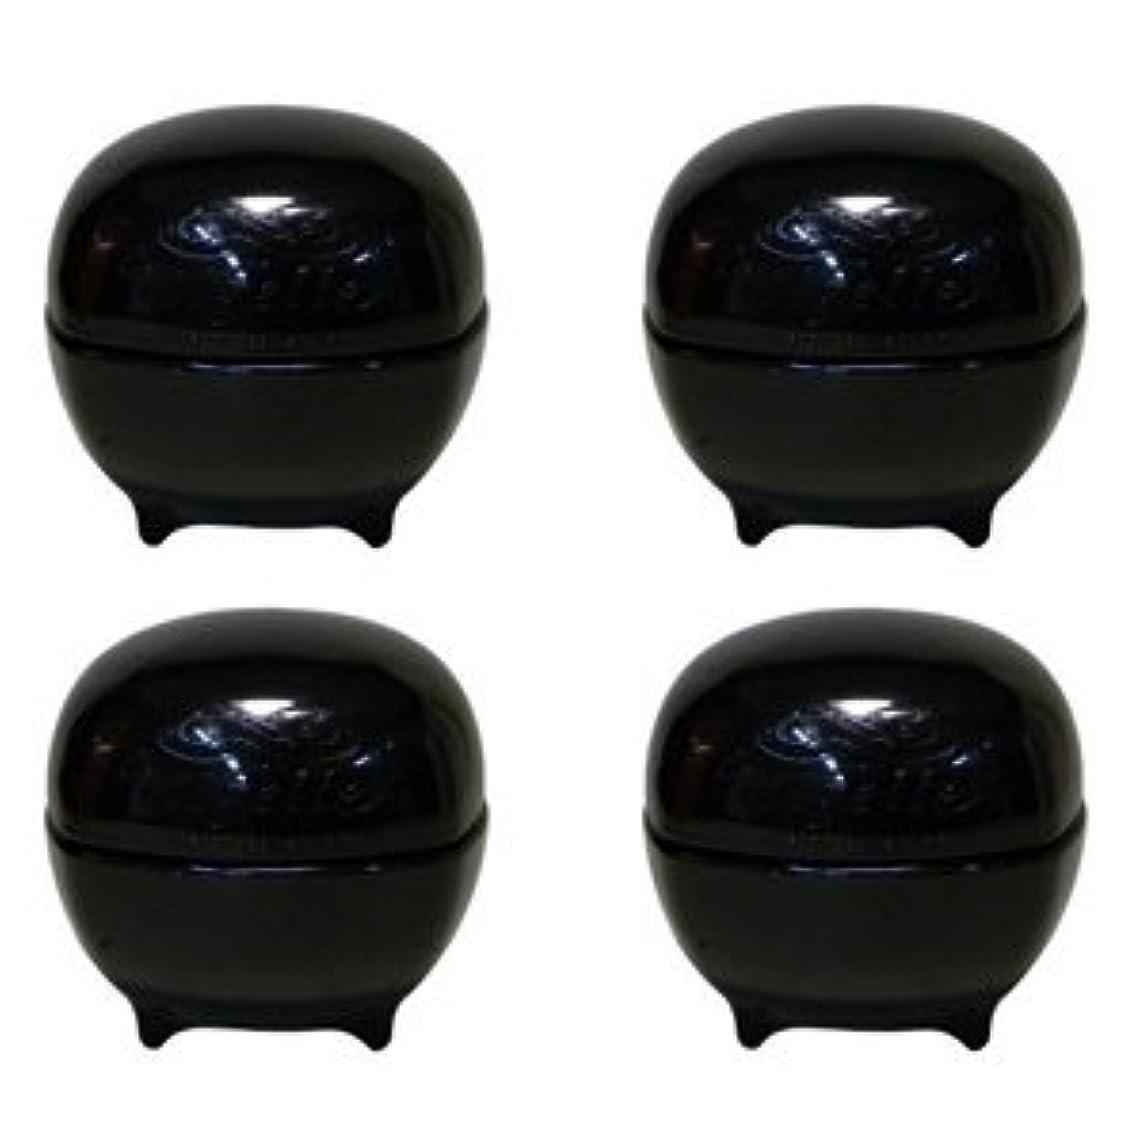 エーカーロック委員会【X4個セット】 ミルボン ニゼル グラスプワックス 80g (ニゼルドレシアコレクション) GRASP WAX MILBON